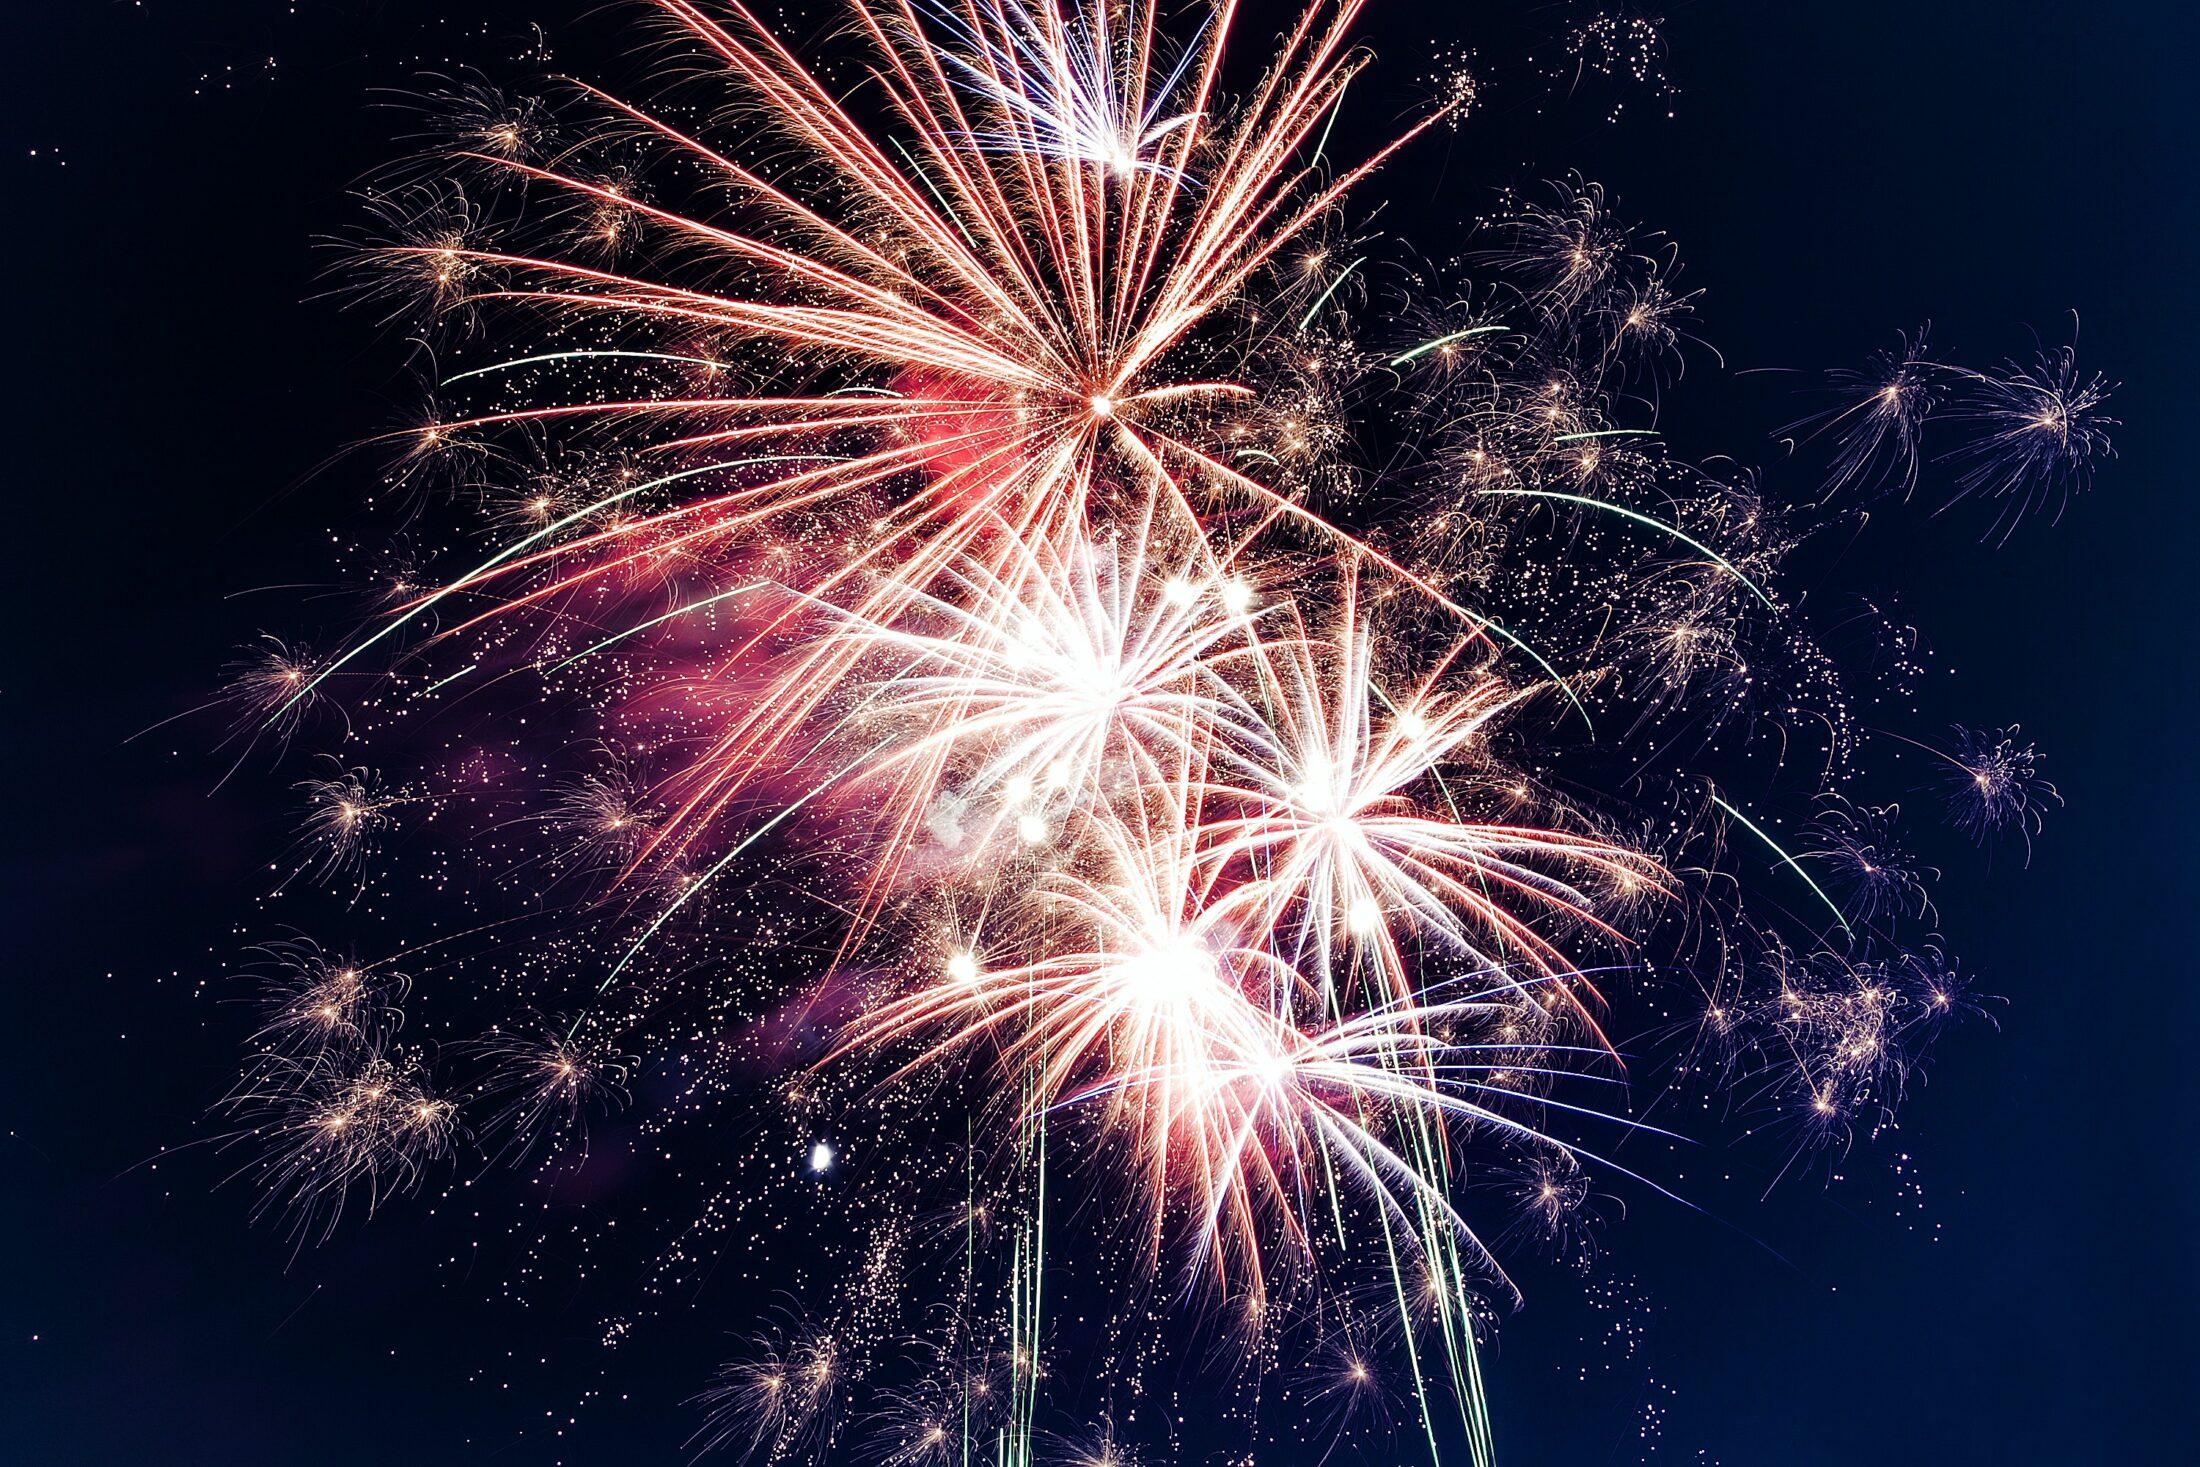 fogos de artifício explodindo no céu